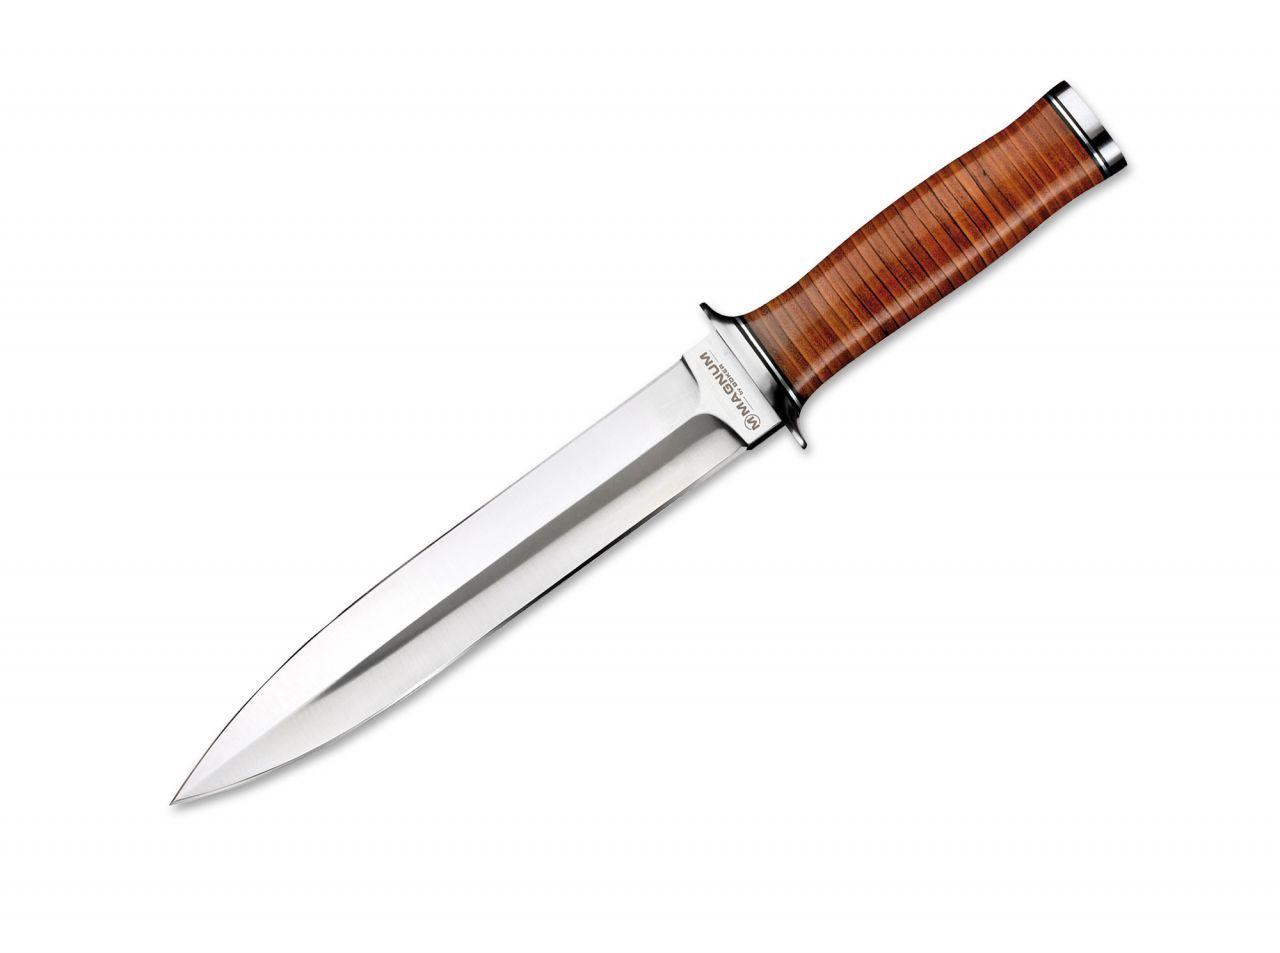 Dýka Böker Magnum Classic Dagger 33cm 02LG141 , s koženým pouzdrem , lovecký nůž , sběratelský Böker - Solingen